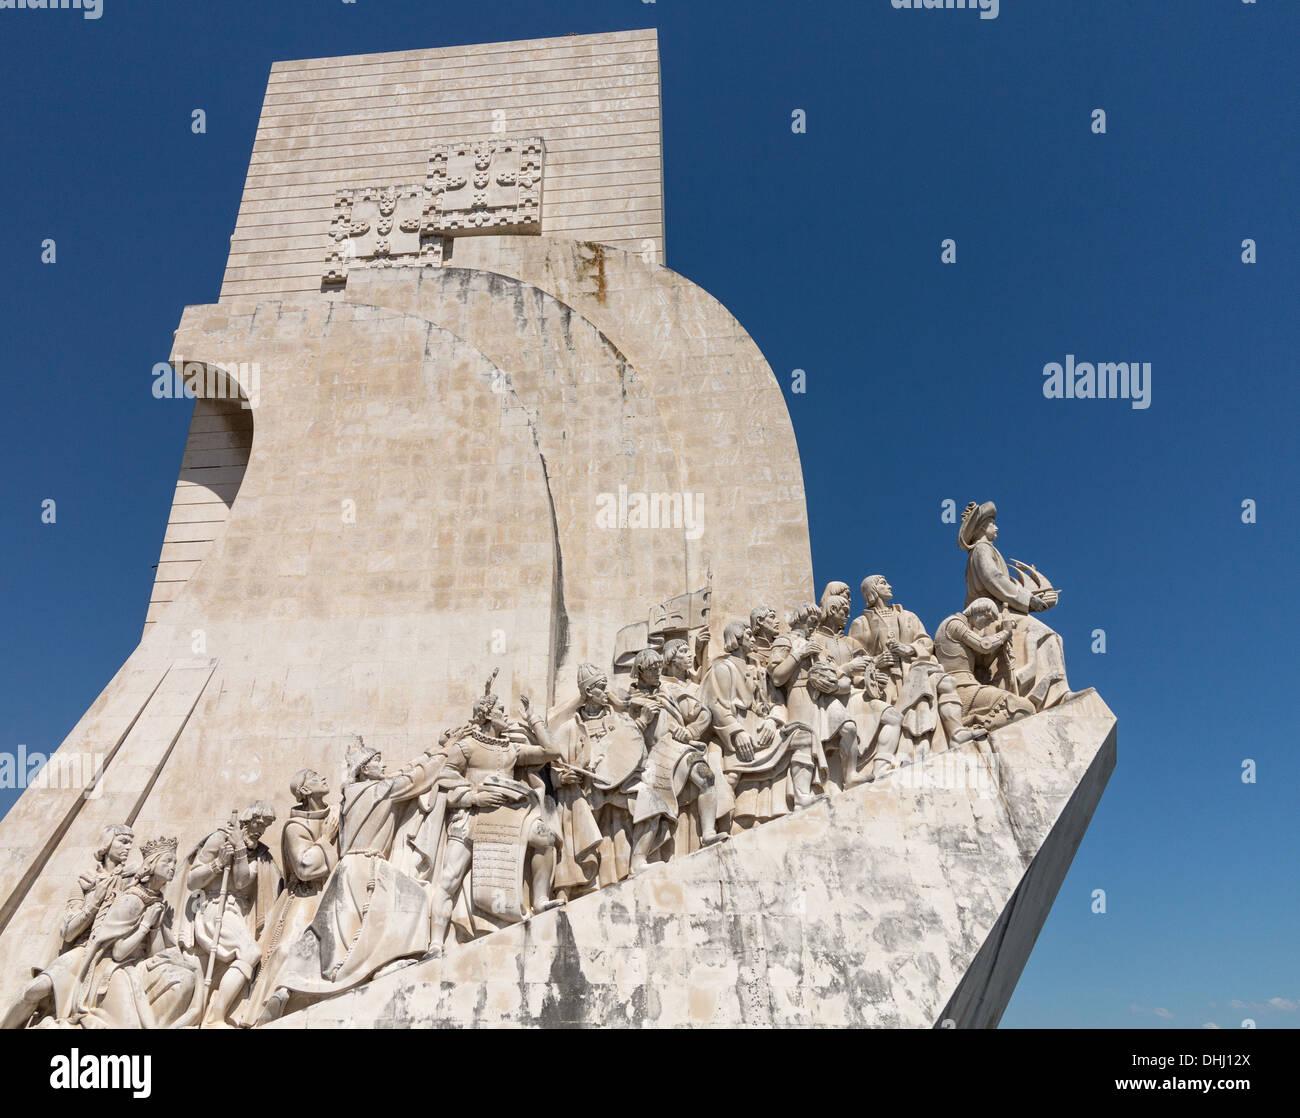 Padrao dos Descobrimentos o un monumento alle scoperte statua e Memoriale di Belem vicino a Lisbona, Portogallo. Immagini Stock